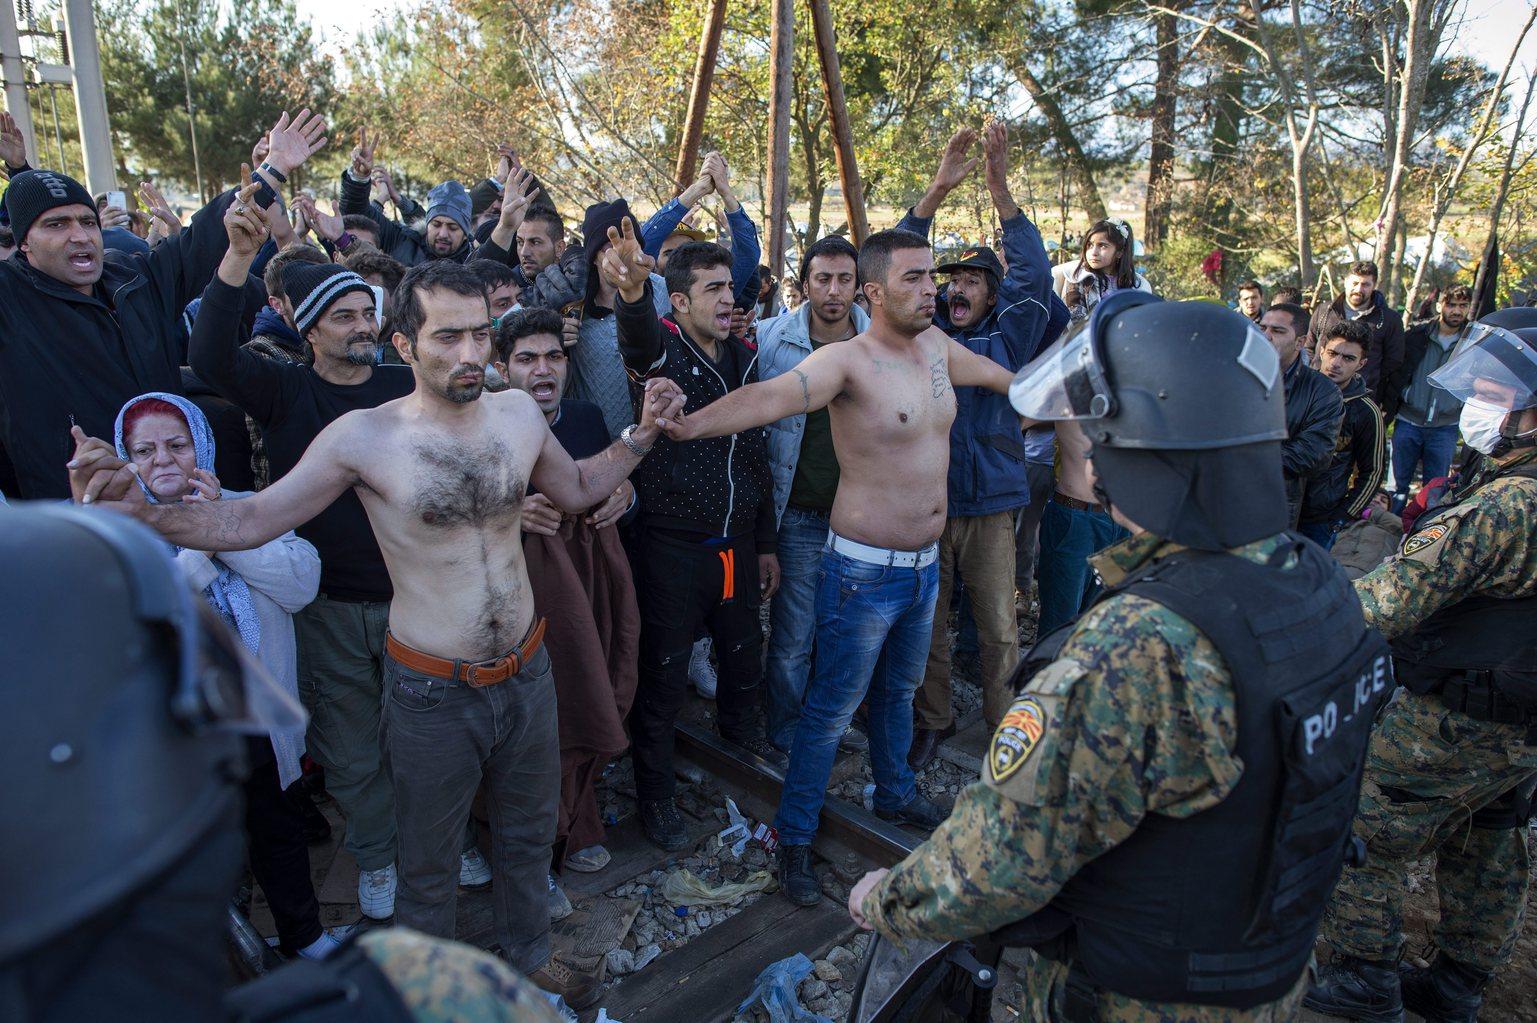 Félmeztelenre vetkőzött migránsok macedón rendőrök sorfala előtt a görög-macedón határon, az észak-görögországi Idomeni falu közelében 2015. november 23-án. Az Európai Unióba tartó illegális bevándorlók a továbbhaladásukért tüntetnek, mivel a macedón hatóságok napok óta csak a szíriai, iraki vagy afgán állampolgárokat engedik be az országukba. (MTI/EPA/Georgi Licovszki)